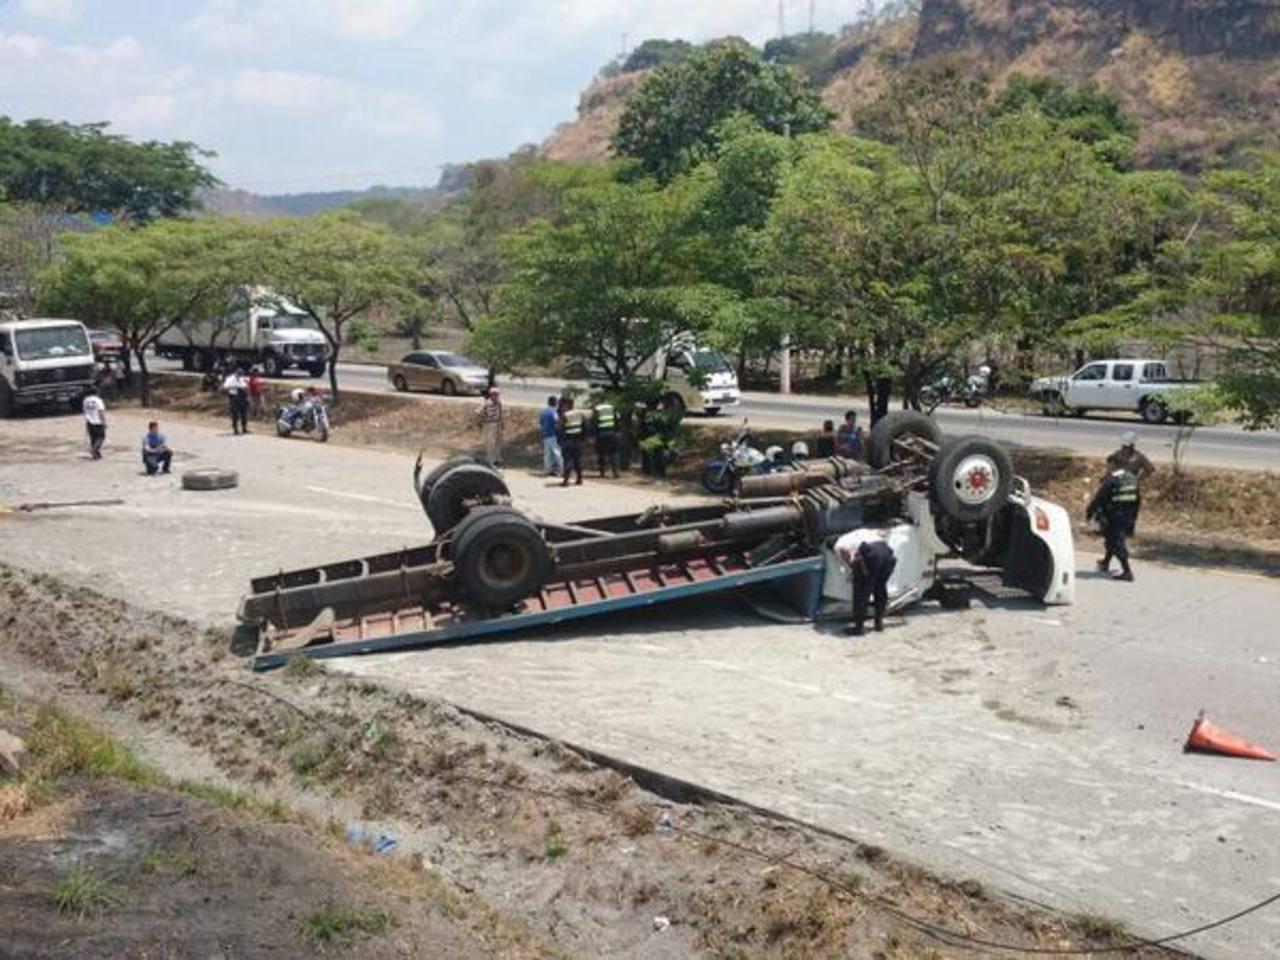 El camión placas C 75-916 volcó sobre el kilómetro 35 de la Autopista a Comalapa. Foto vía Twitter Douglas Urquilla